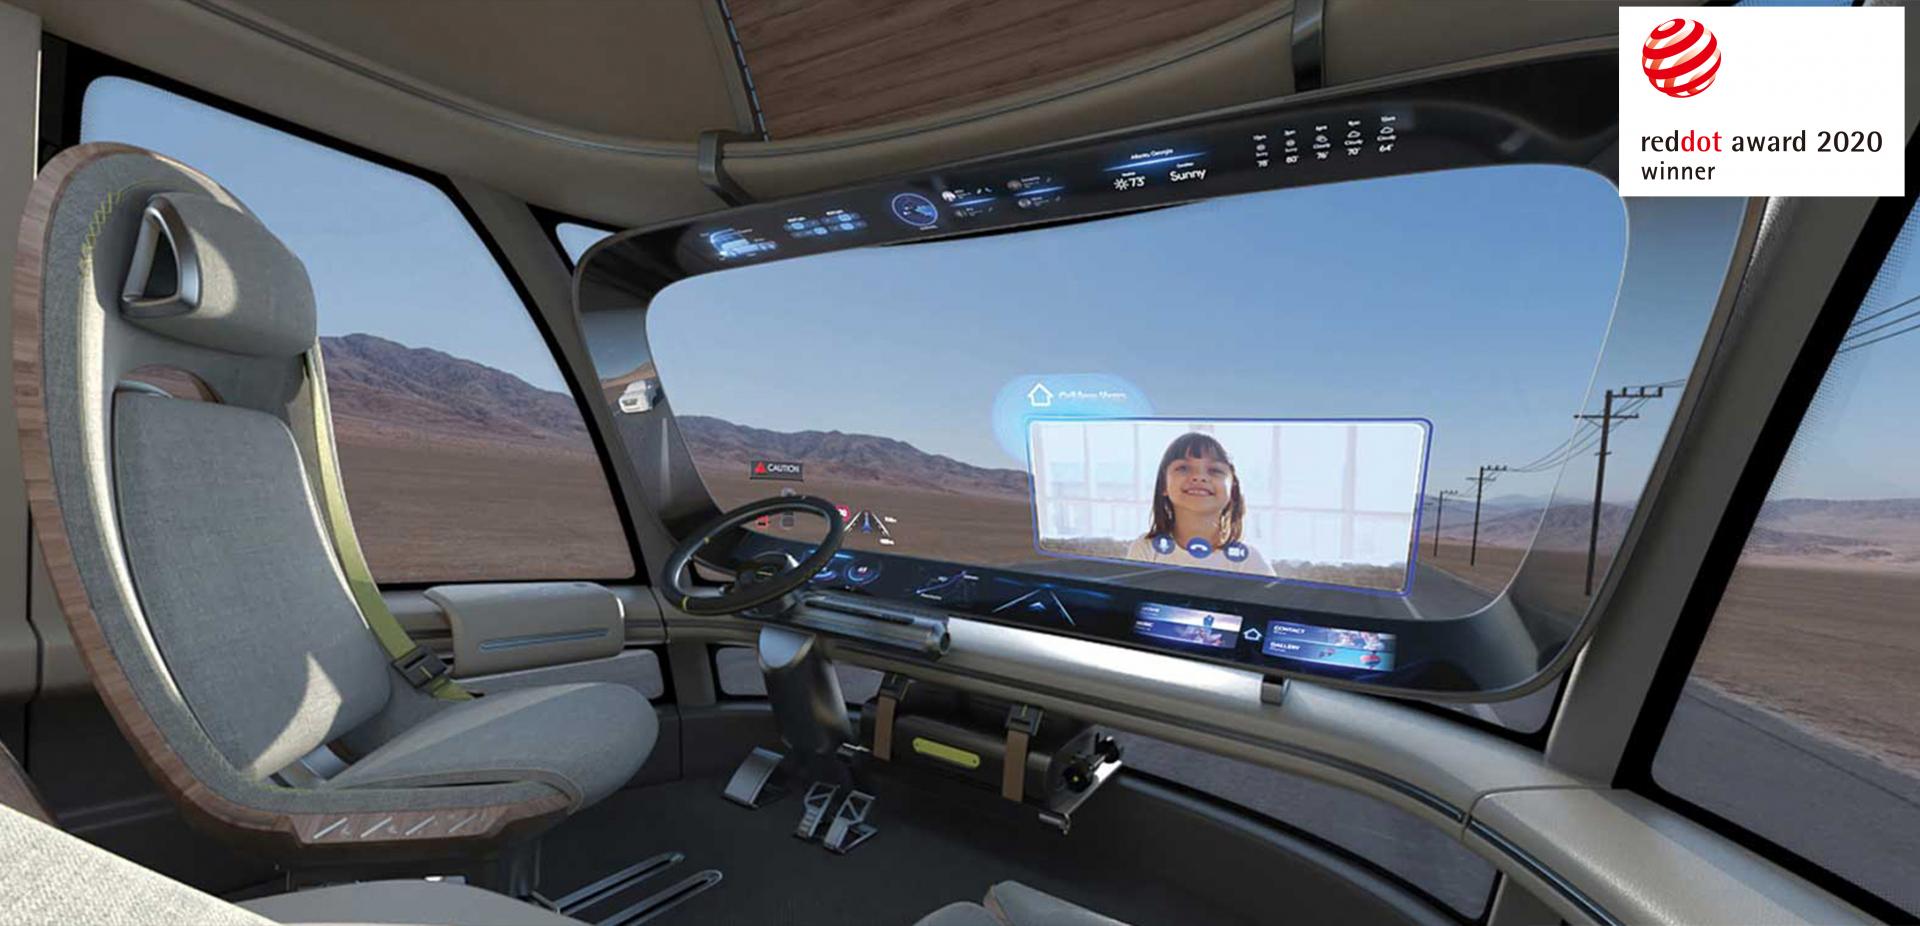 Компанія Hyundai Motor отримала три нагороди Red Dot Award 2020 за концептуальний дизайн | Паритет - фото 12